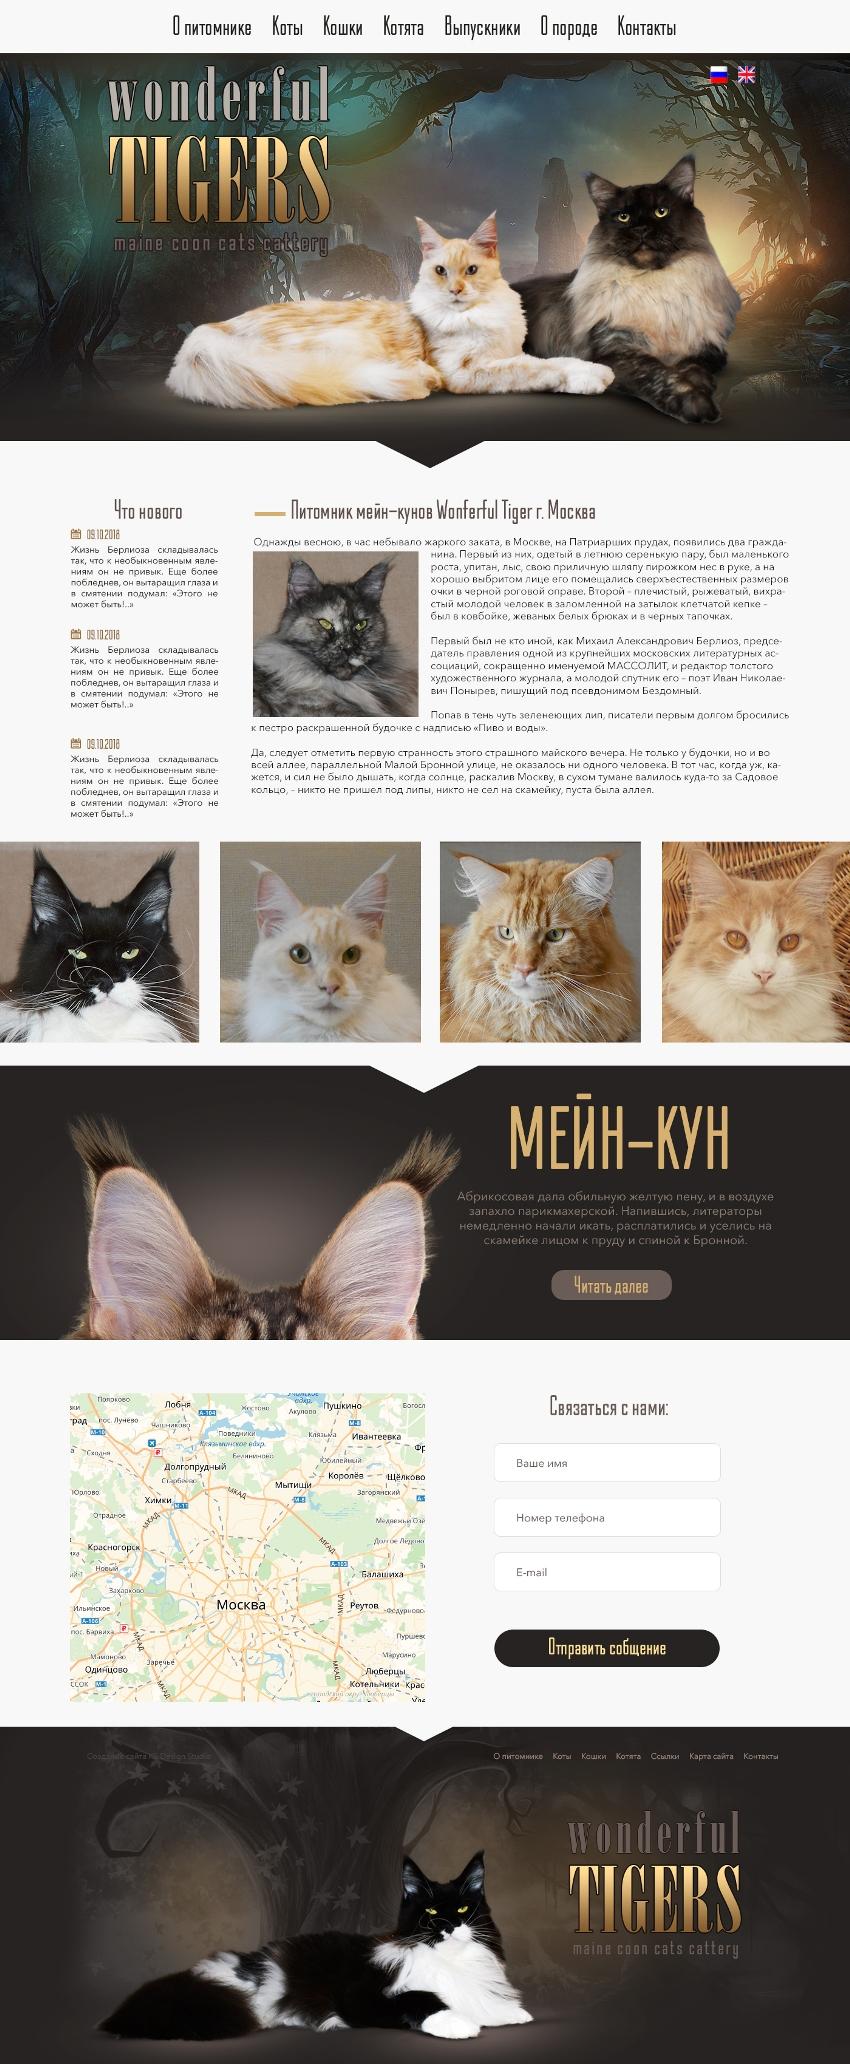 Дизайн сайта для питомника животных, макет сайта для животных, красивые сайты для питомников, дизайн сайта для кошек, красивый сайт для питомника